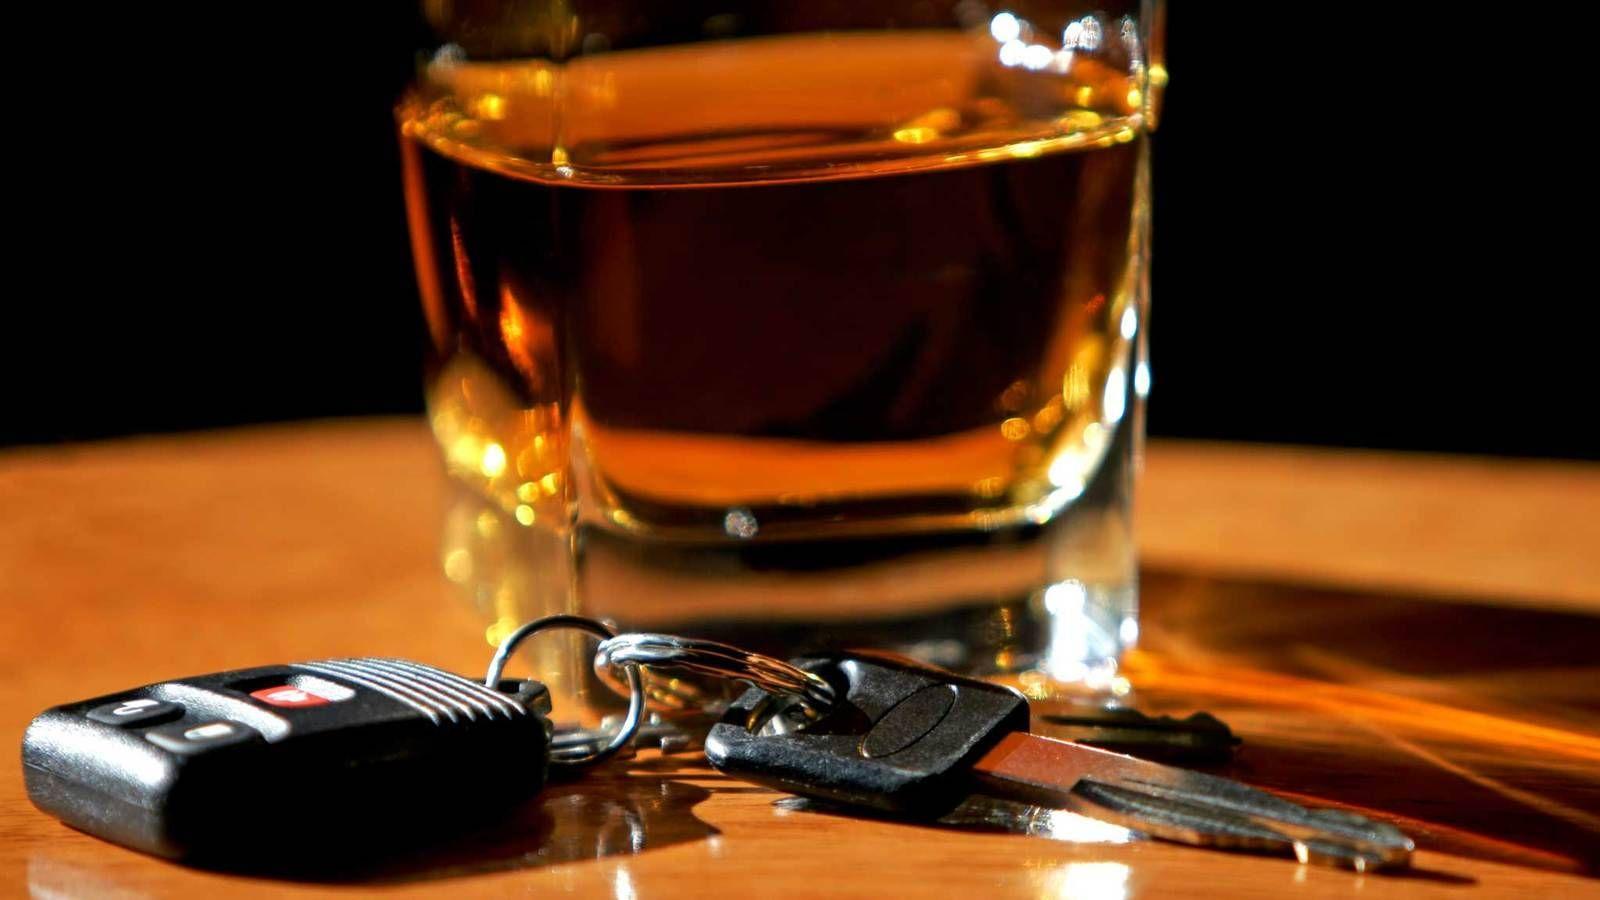 В ставропольском крае приставы навещают на дому автолюбителей, лишённых прав за пьянство за рулём